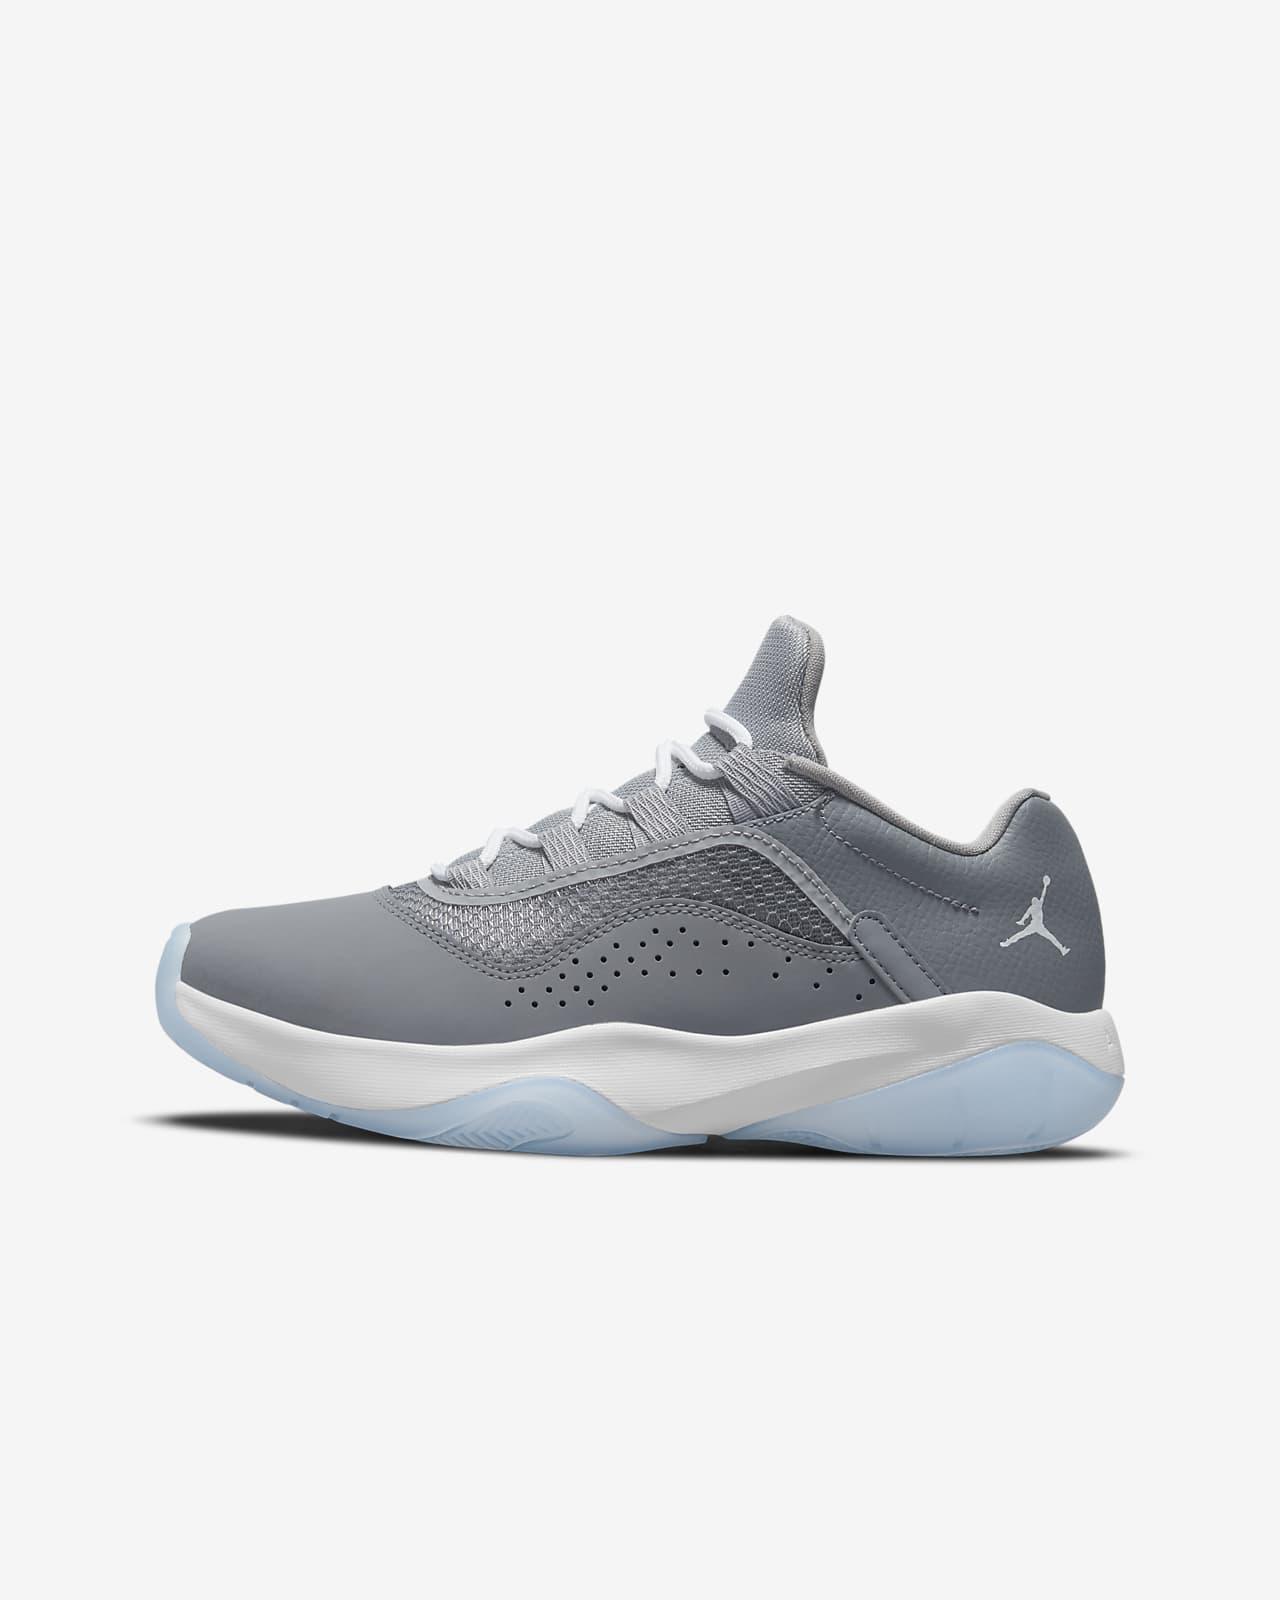 Chaussure Air Jordan 11 CMFT Low pour Enfant plus âgé. Nike LU